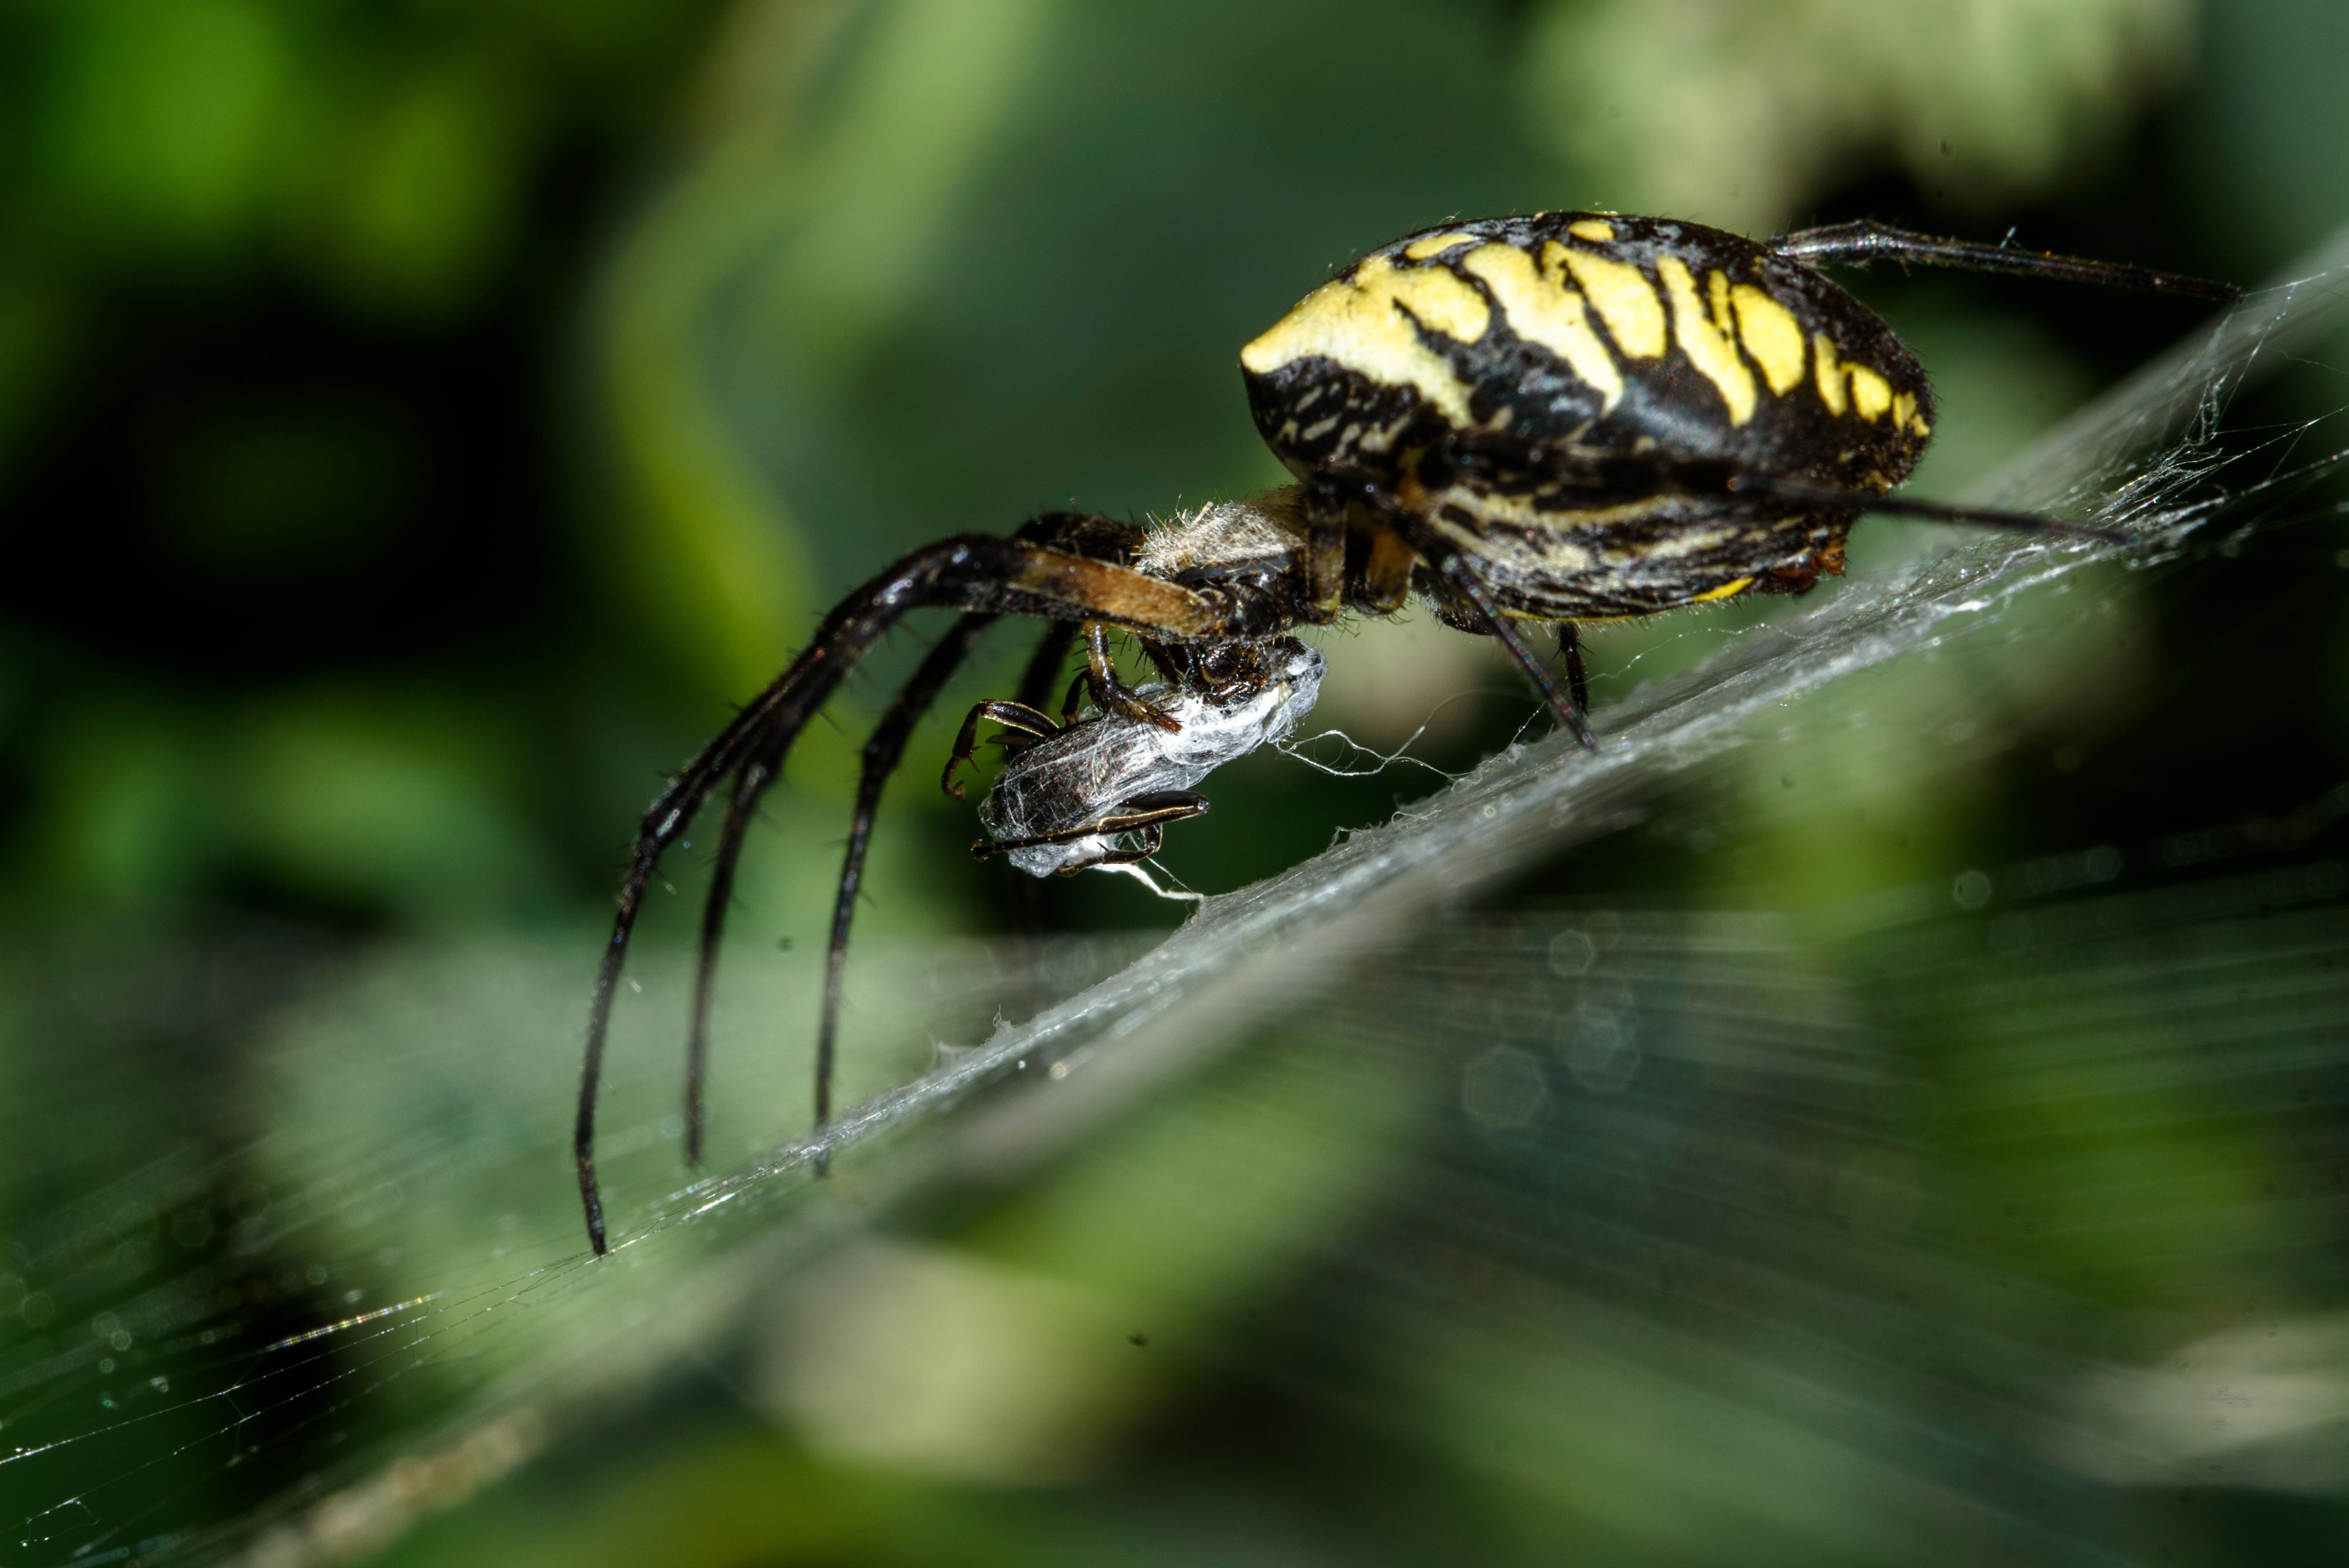 Spider Wrap